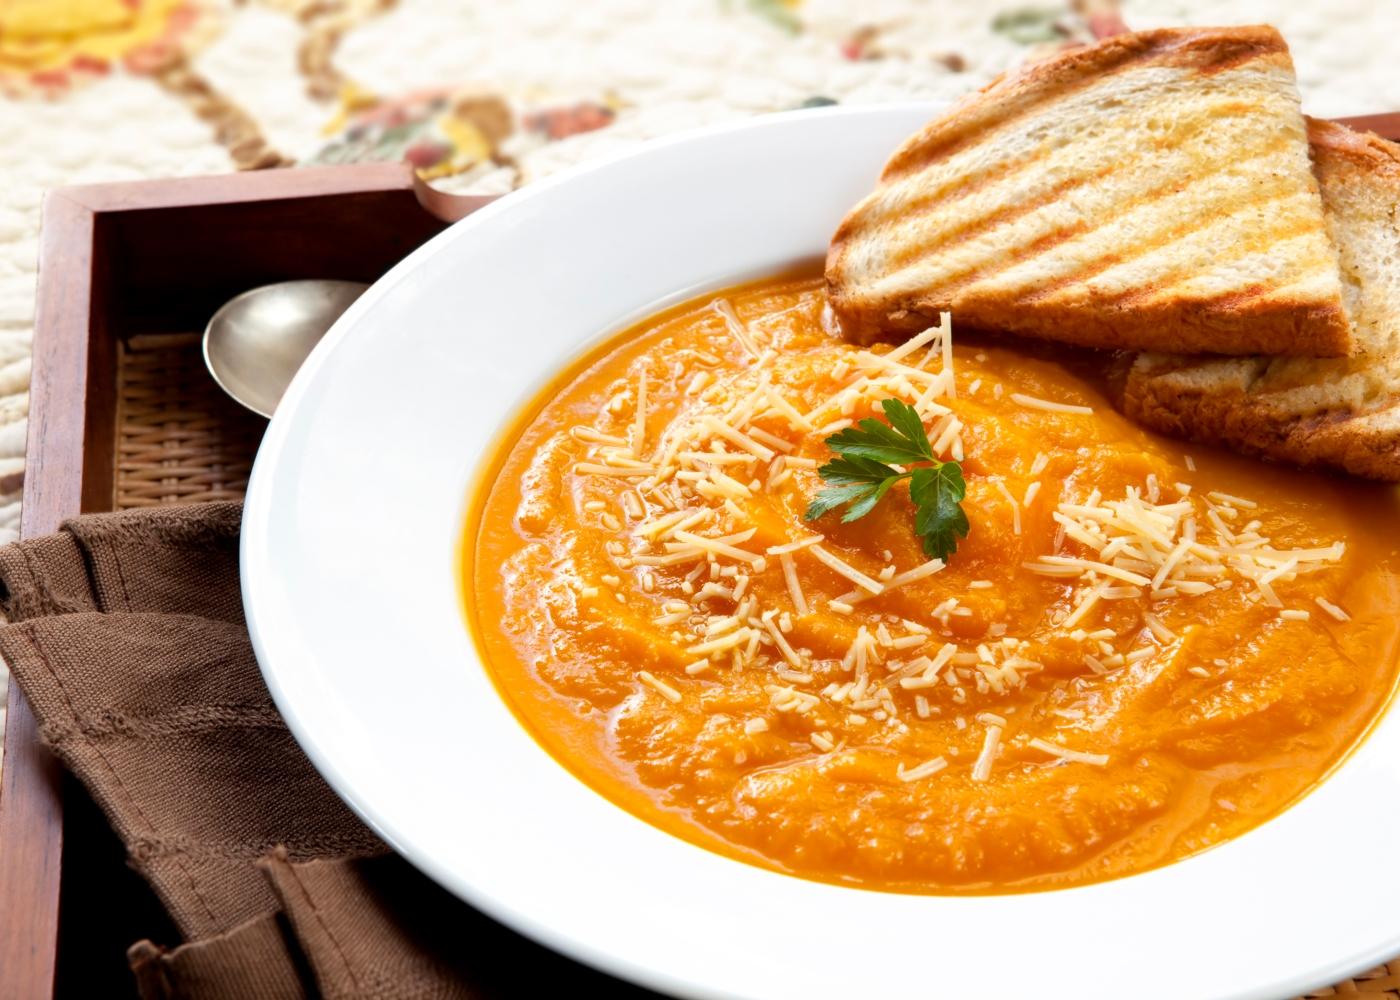 sopa de abóbora com queijo ralado